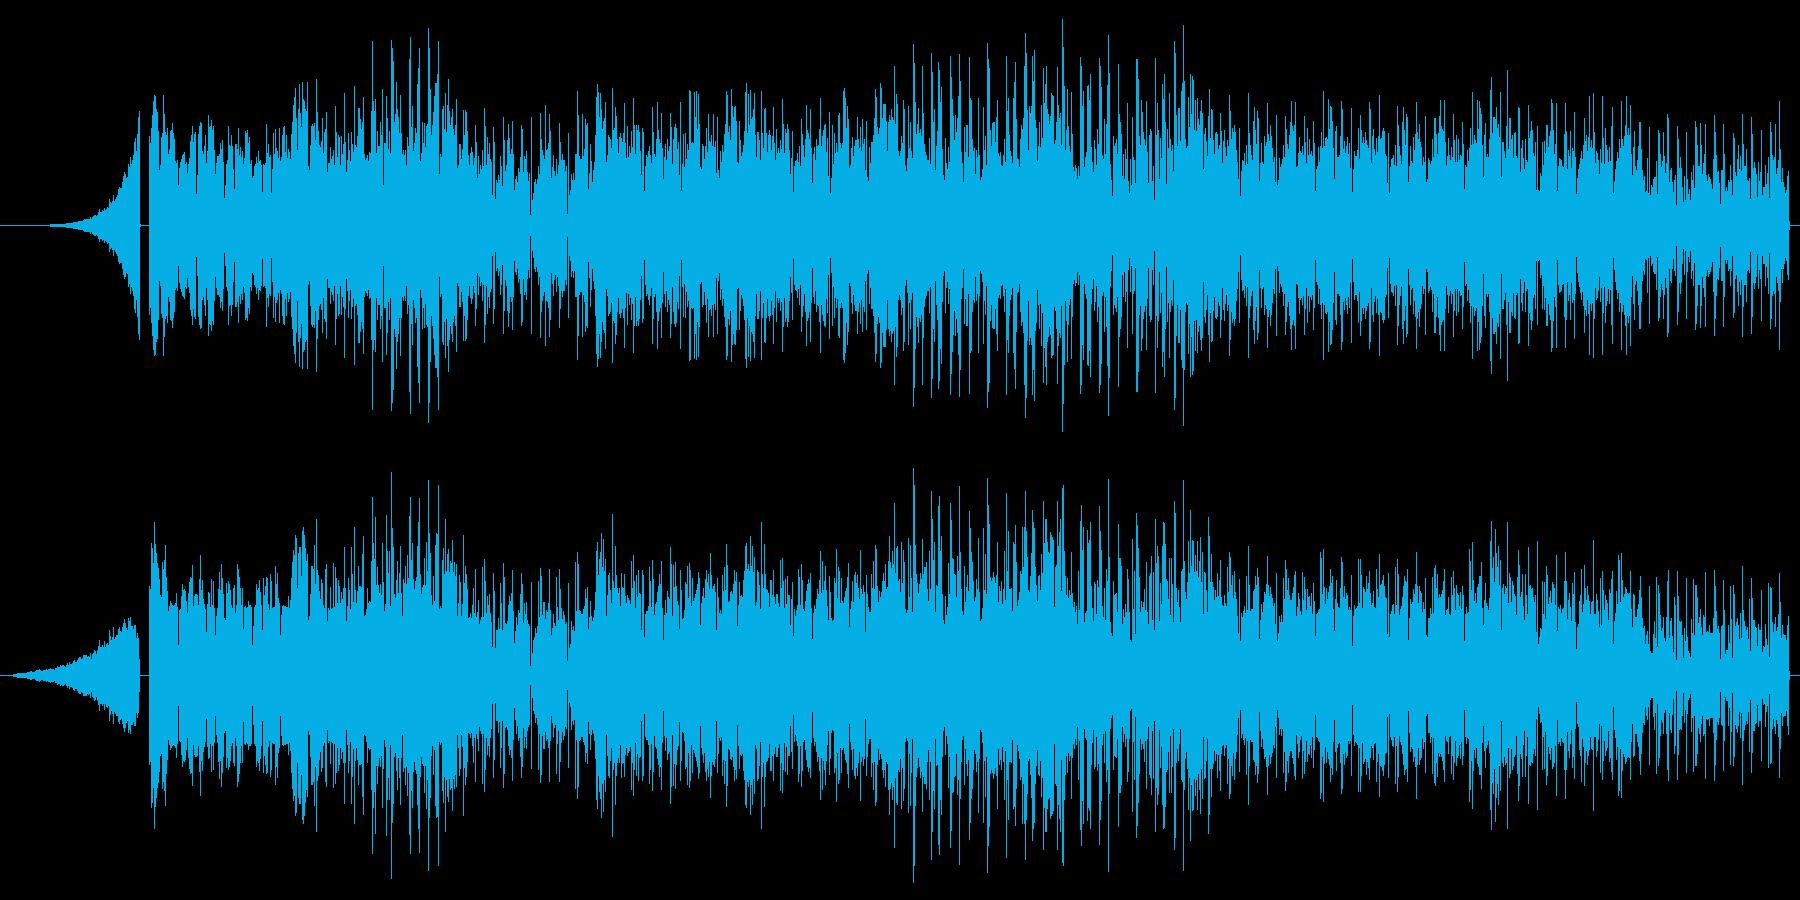 激しくかっこいいエレクトロBGMの再生済みの波形